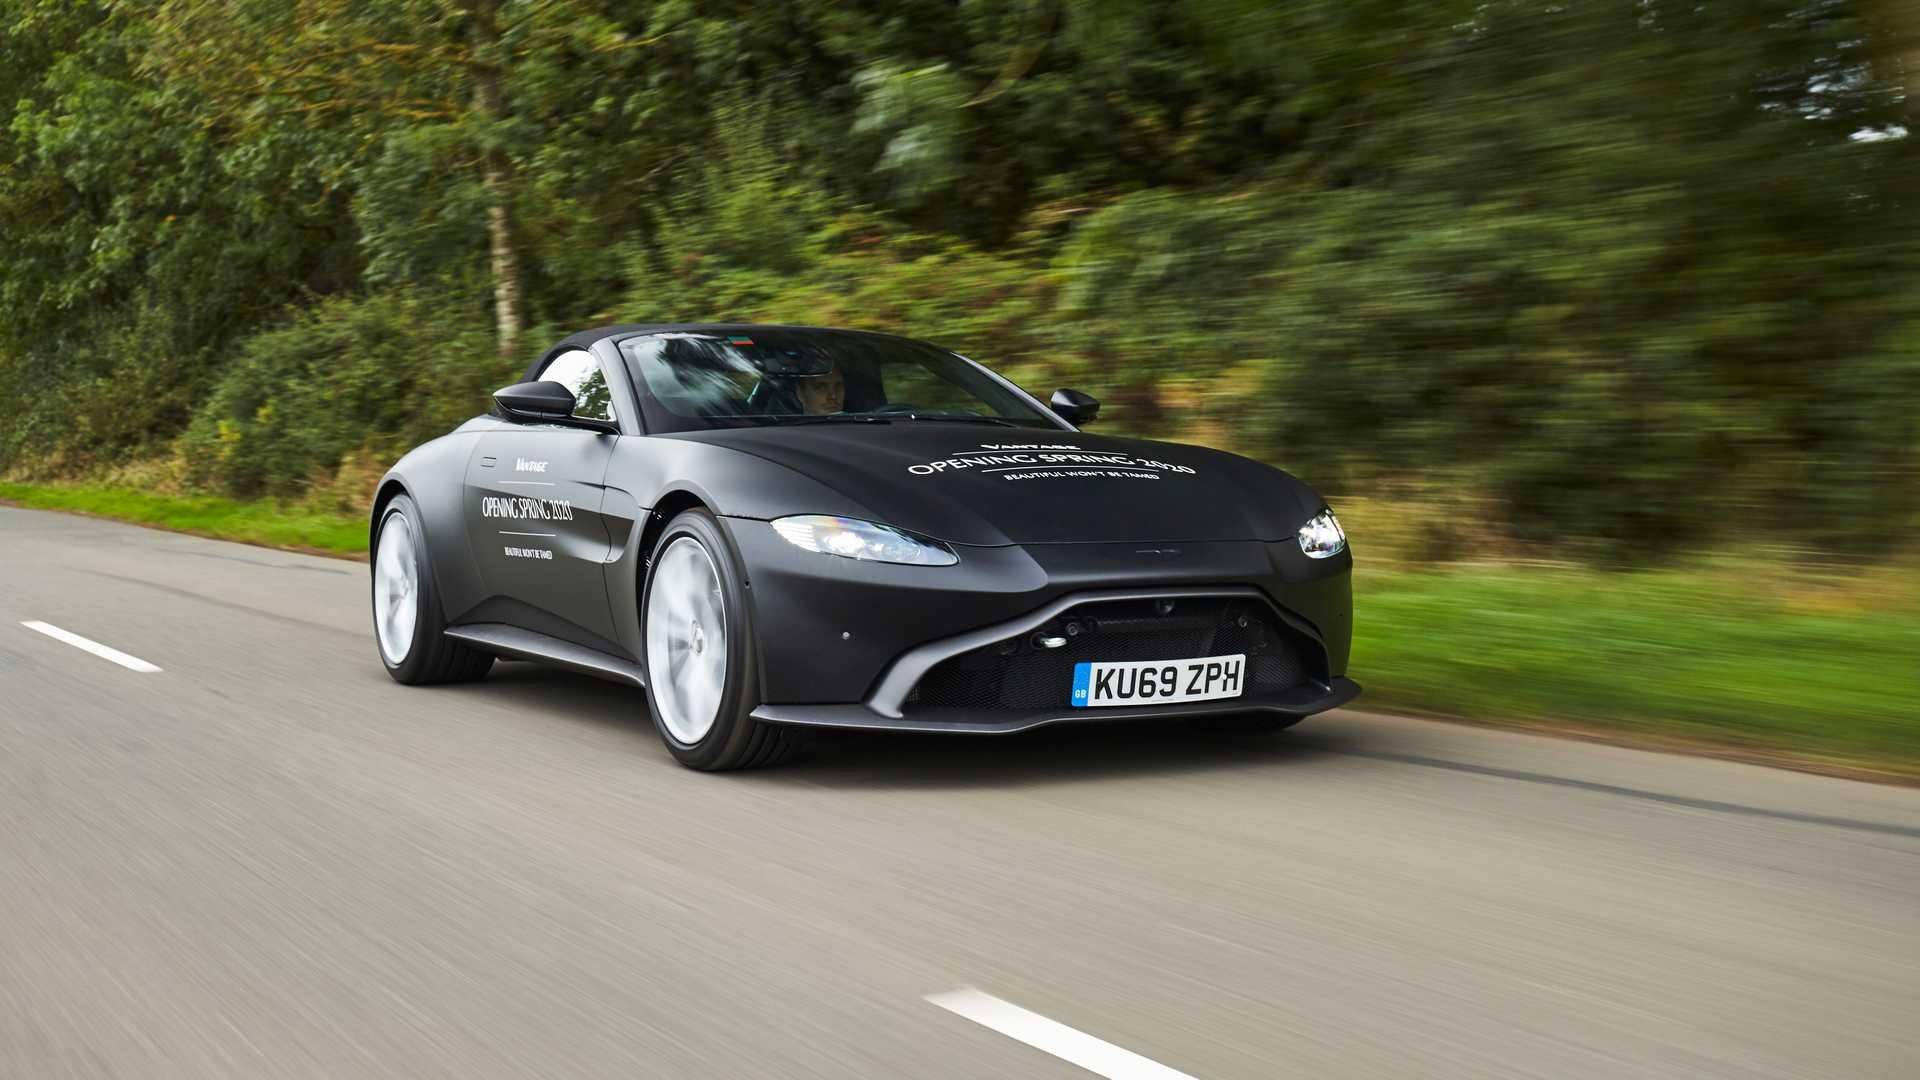 nuova Aston Martin Vantage Roadster